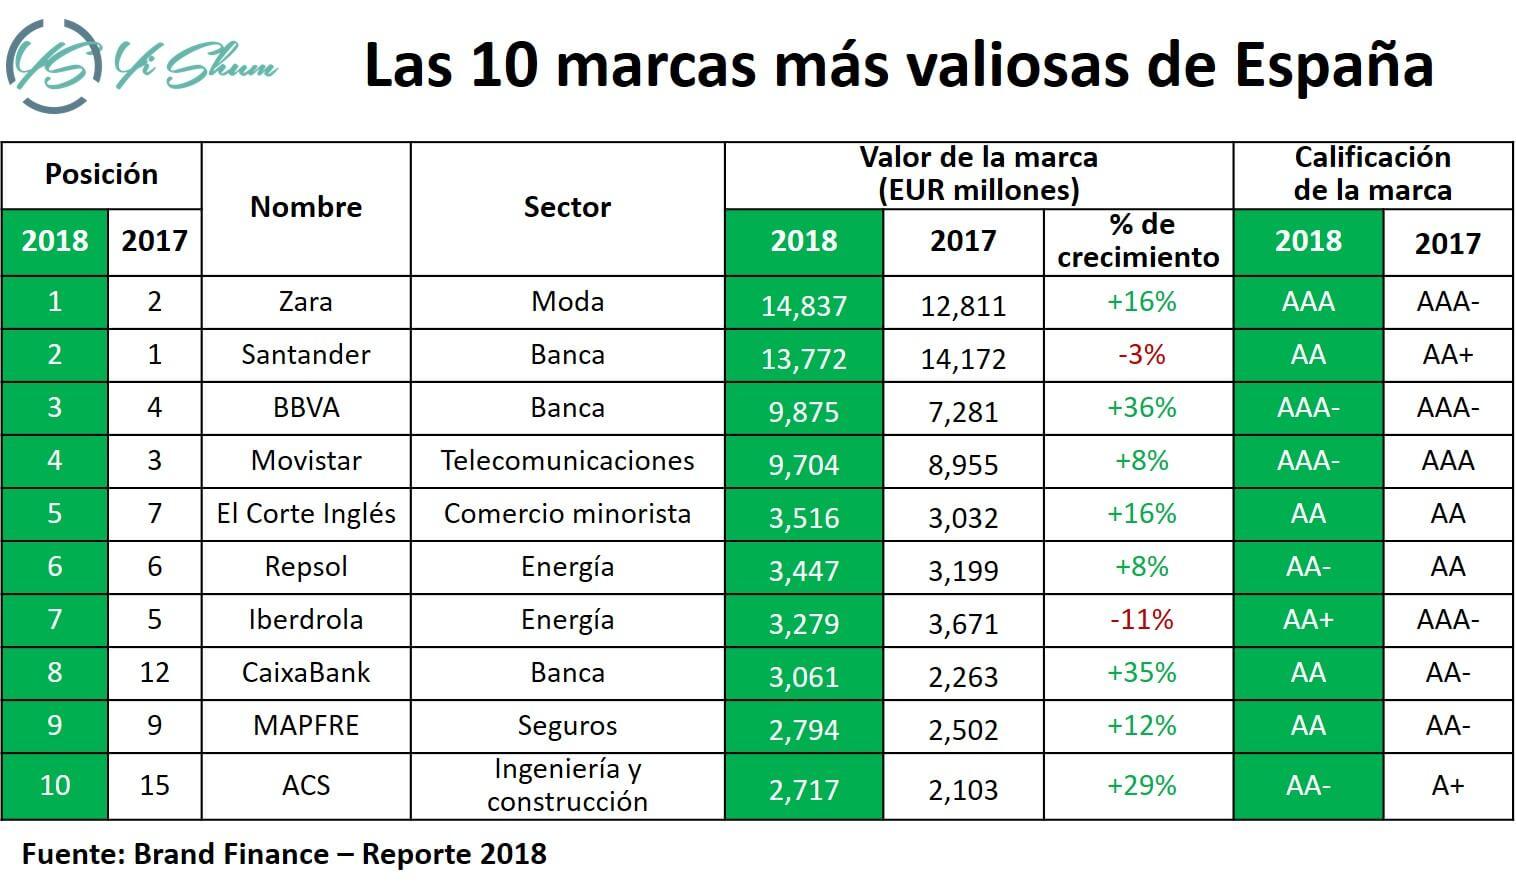 Las 10 marcas más valiosas de España imagen